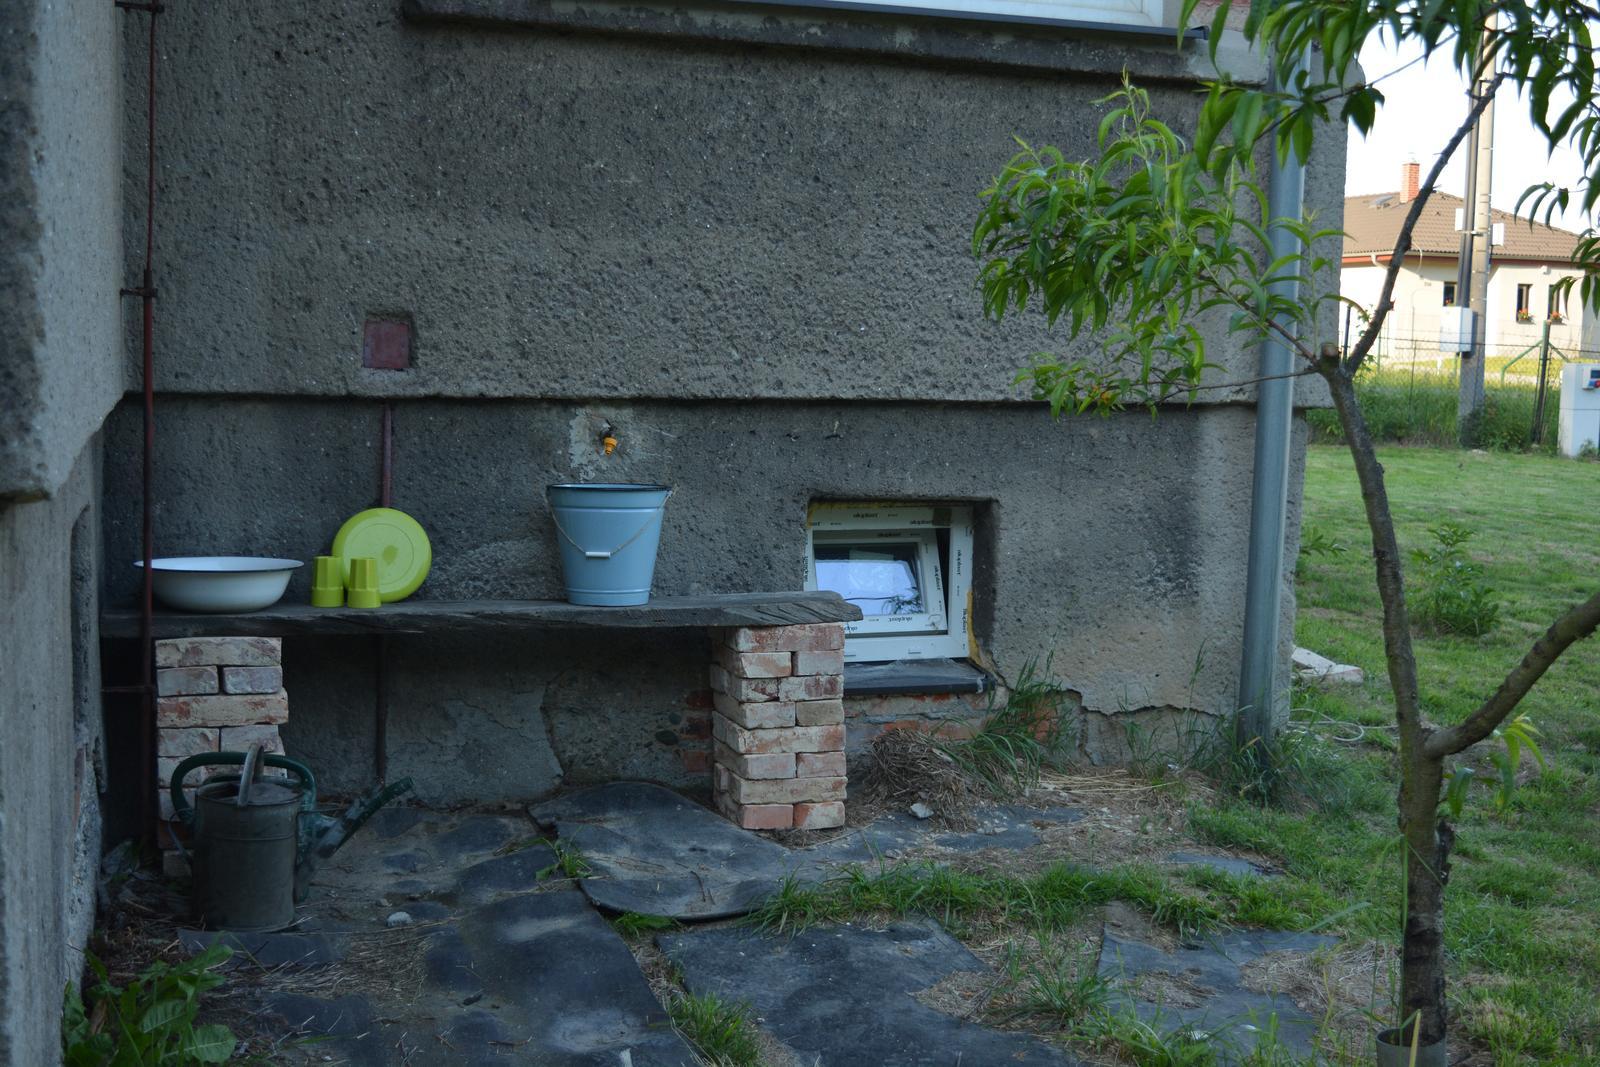 Náš nový domov ... - Můj nový mycí venkovní koutek :D .. a klenoty po babičce (lavor a kýbl)